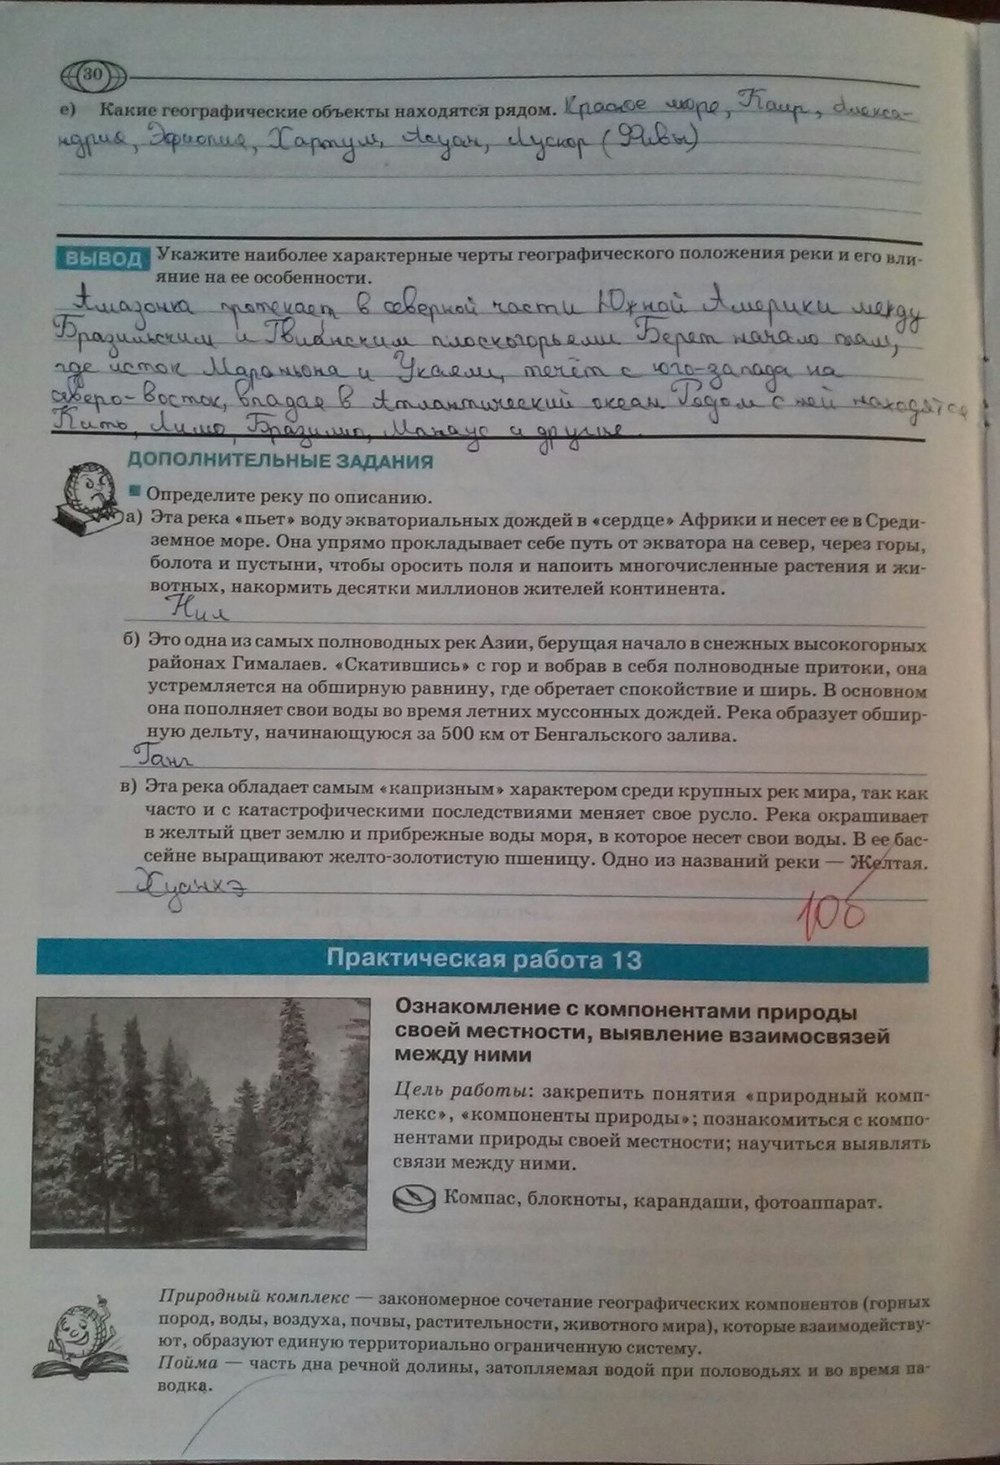 Гдз по географии в робочому зошит 6 клас